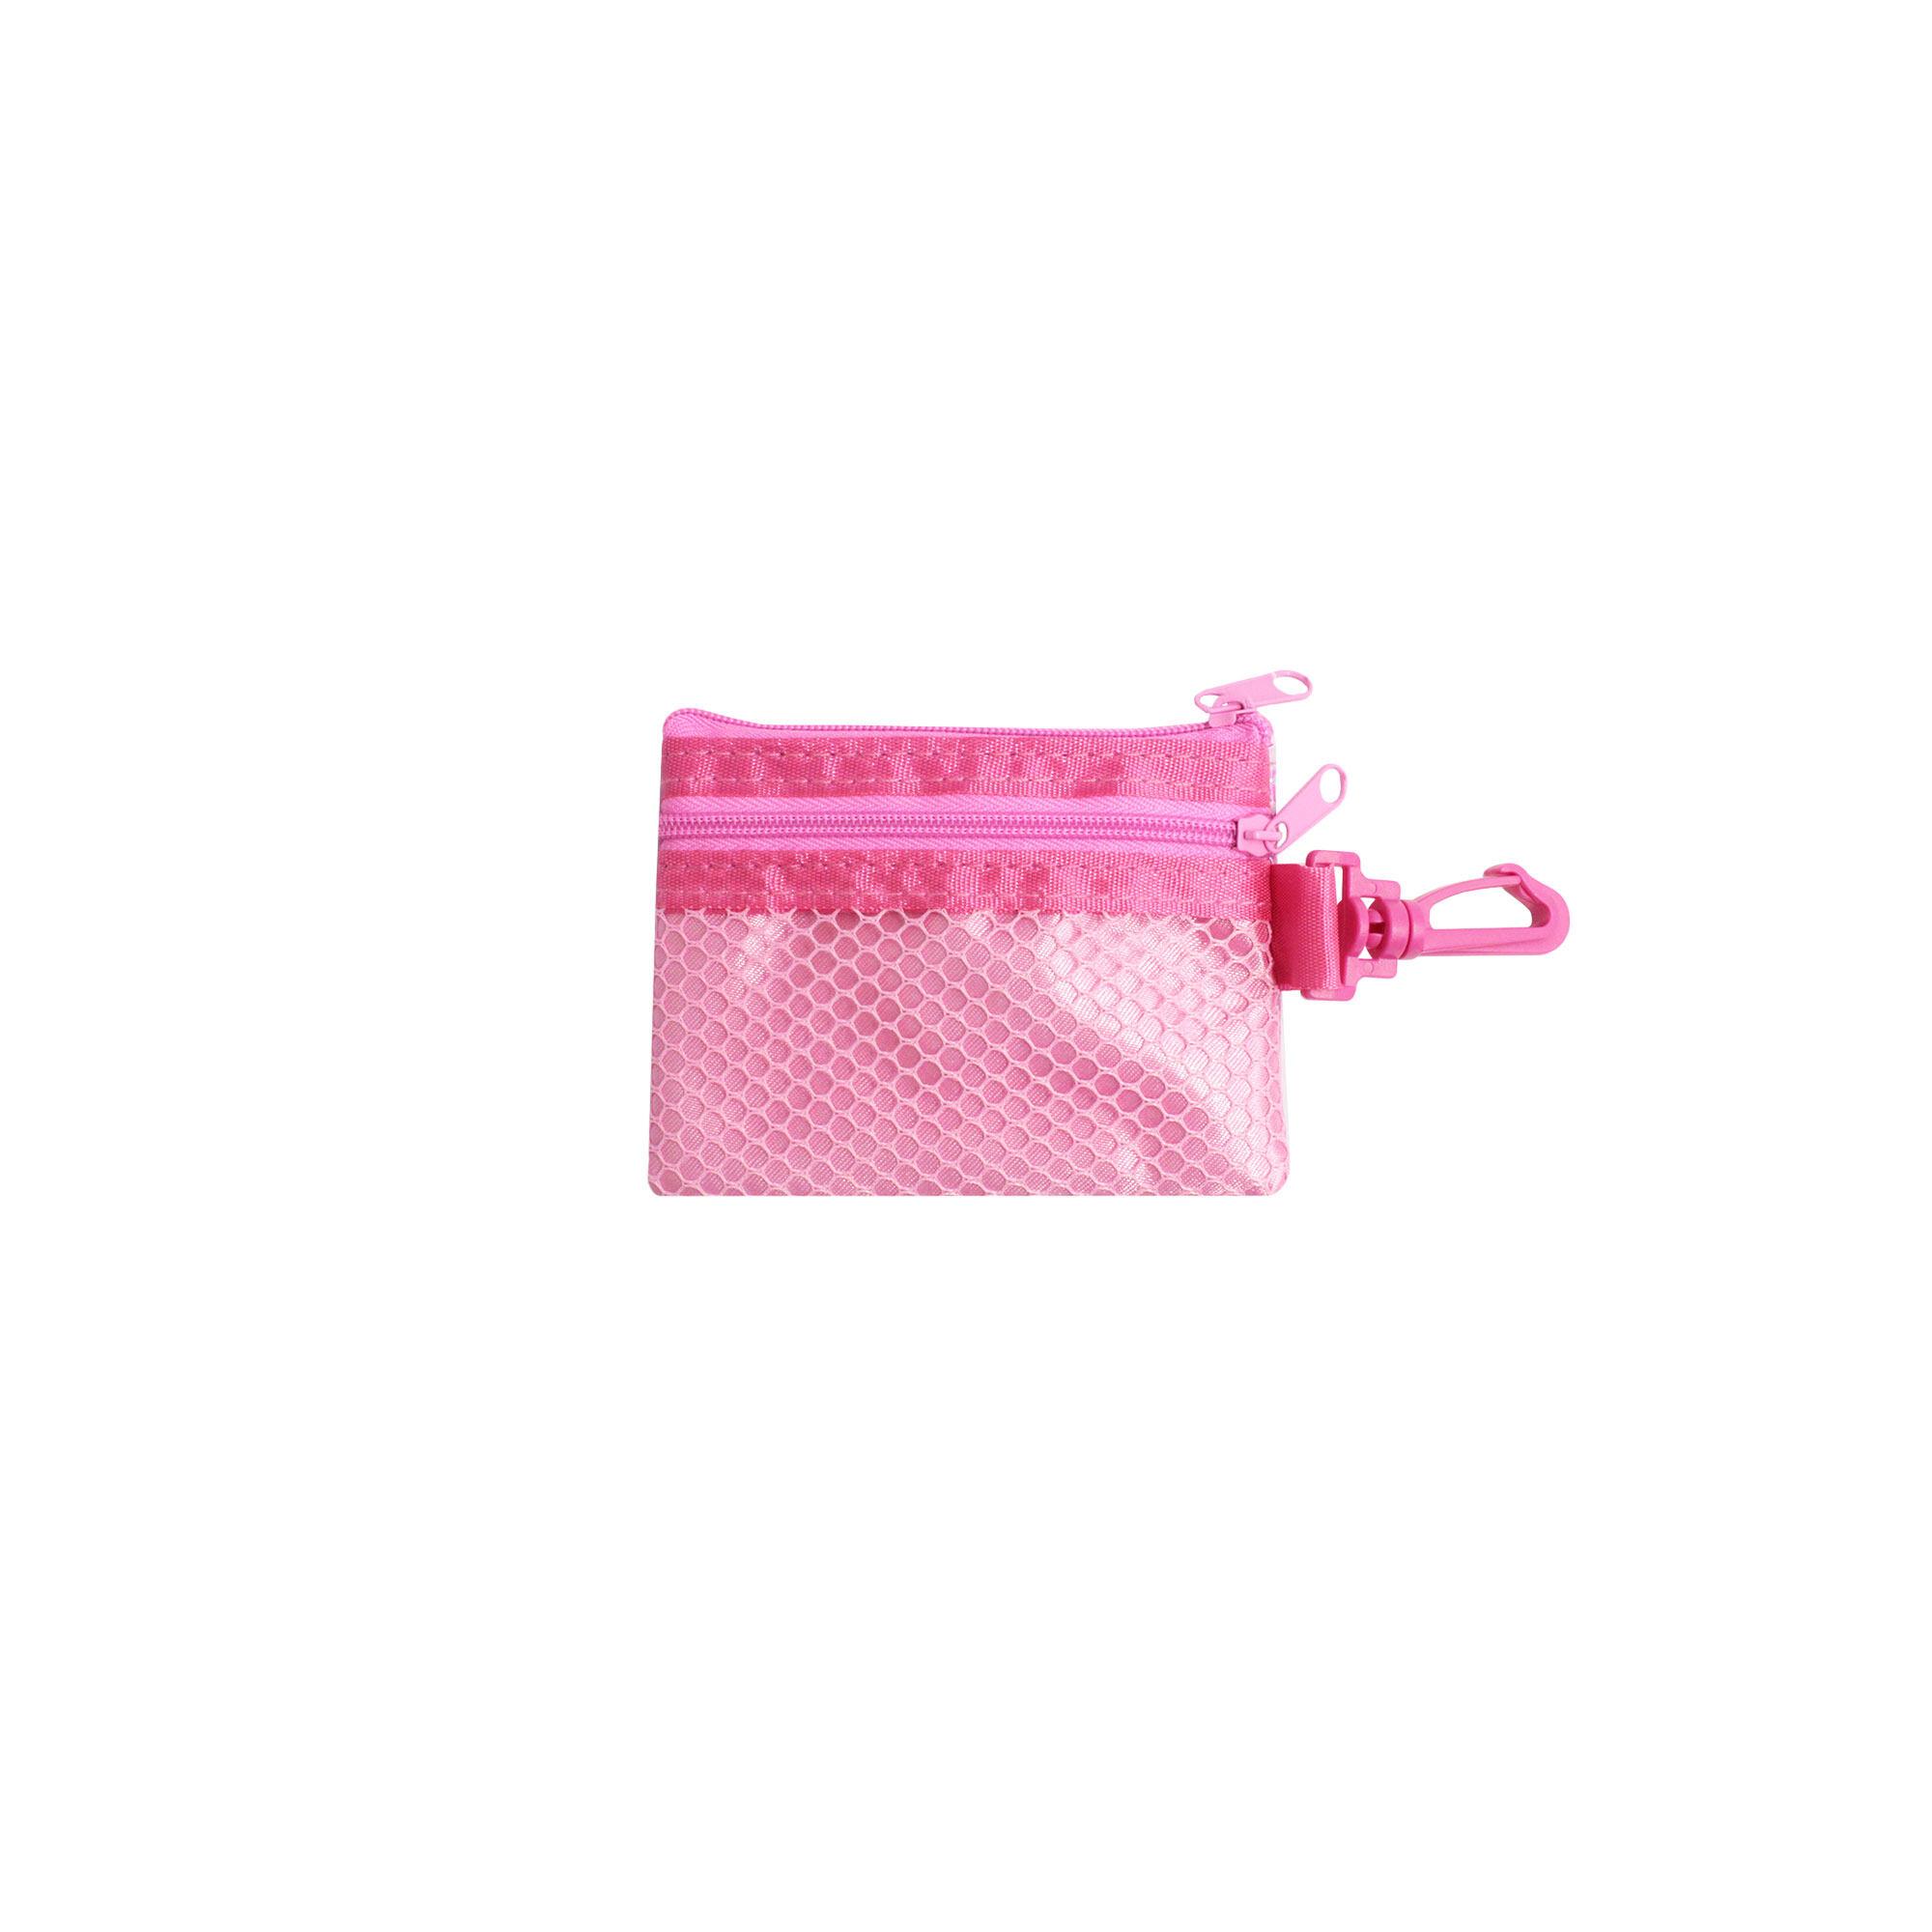 Sanrio Hello Kitty Coin Purse - Pink Colour